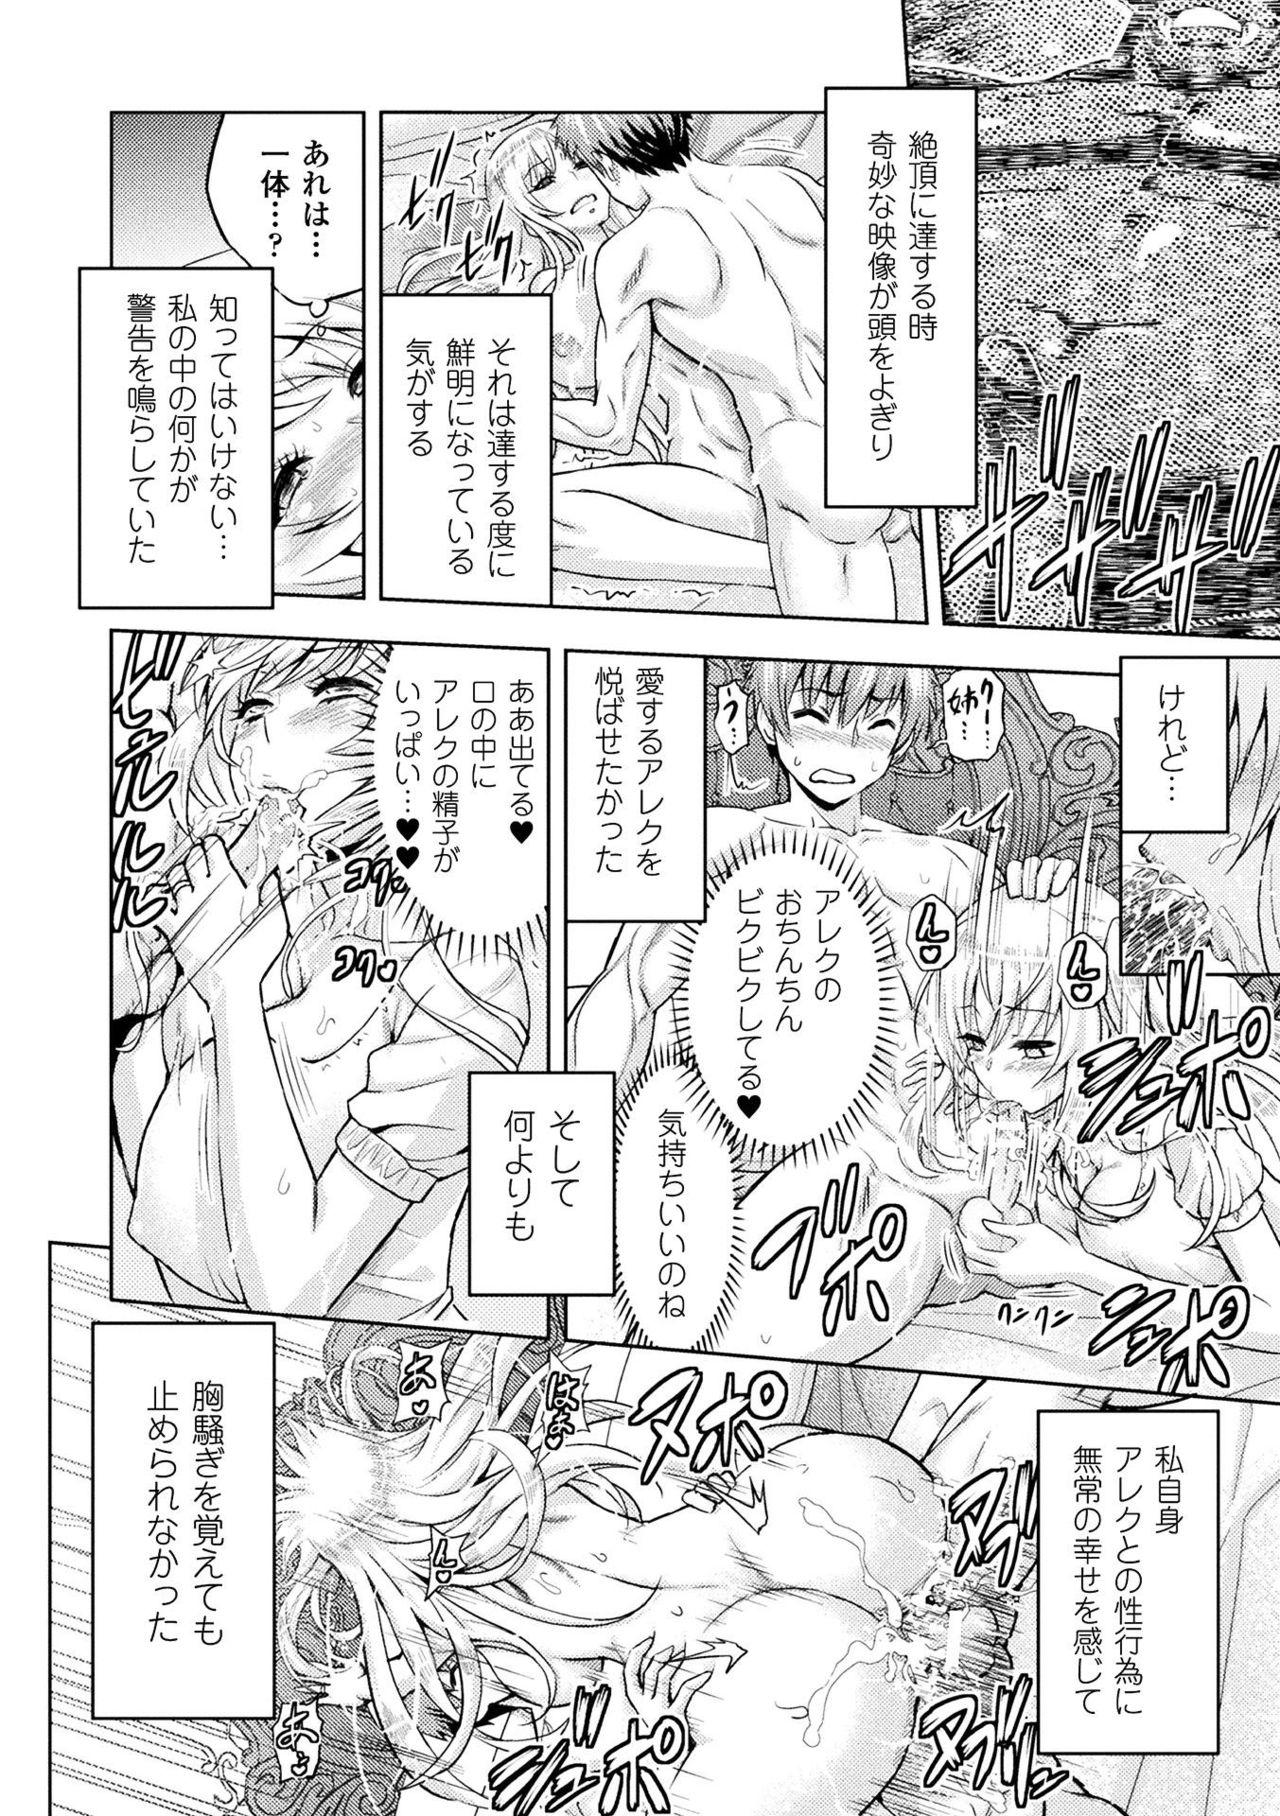 ERONA Orc no Inmon ni Okasareta Onna Kishi no Matsuro Ch. 1-6 141